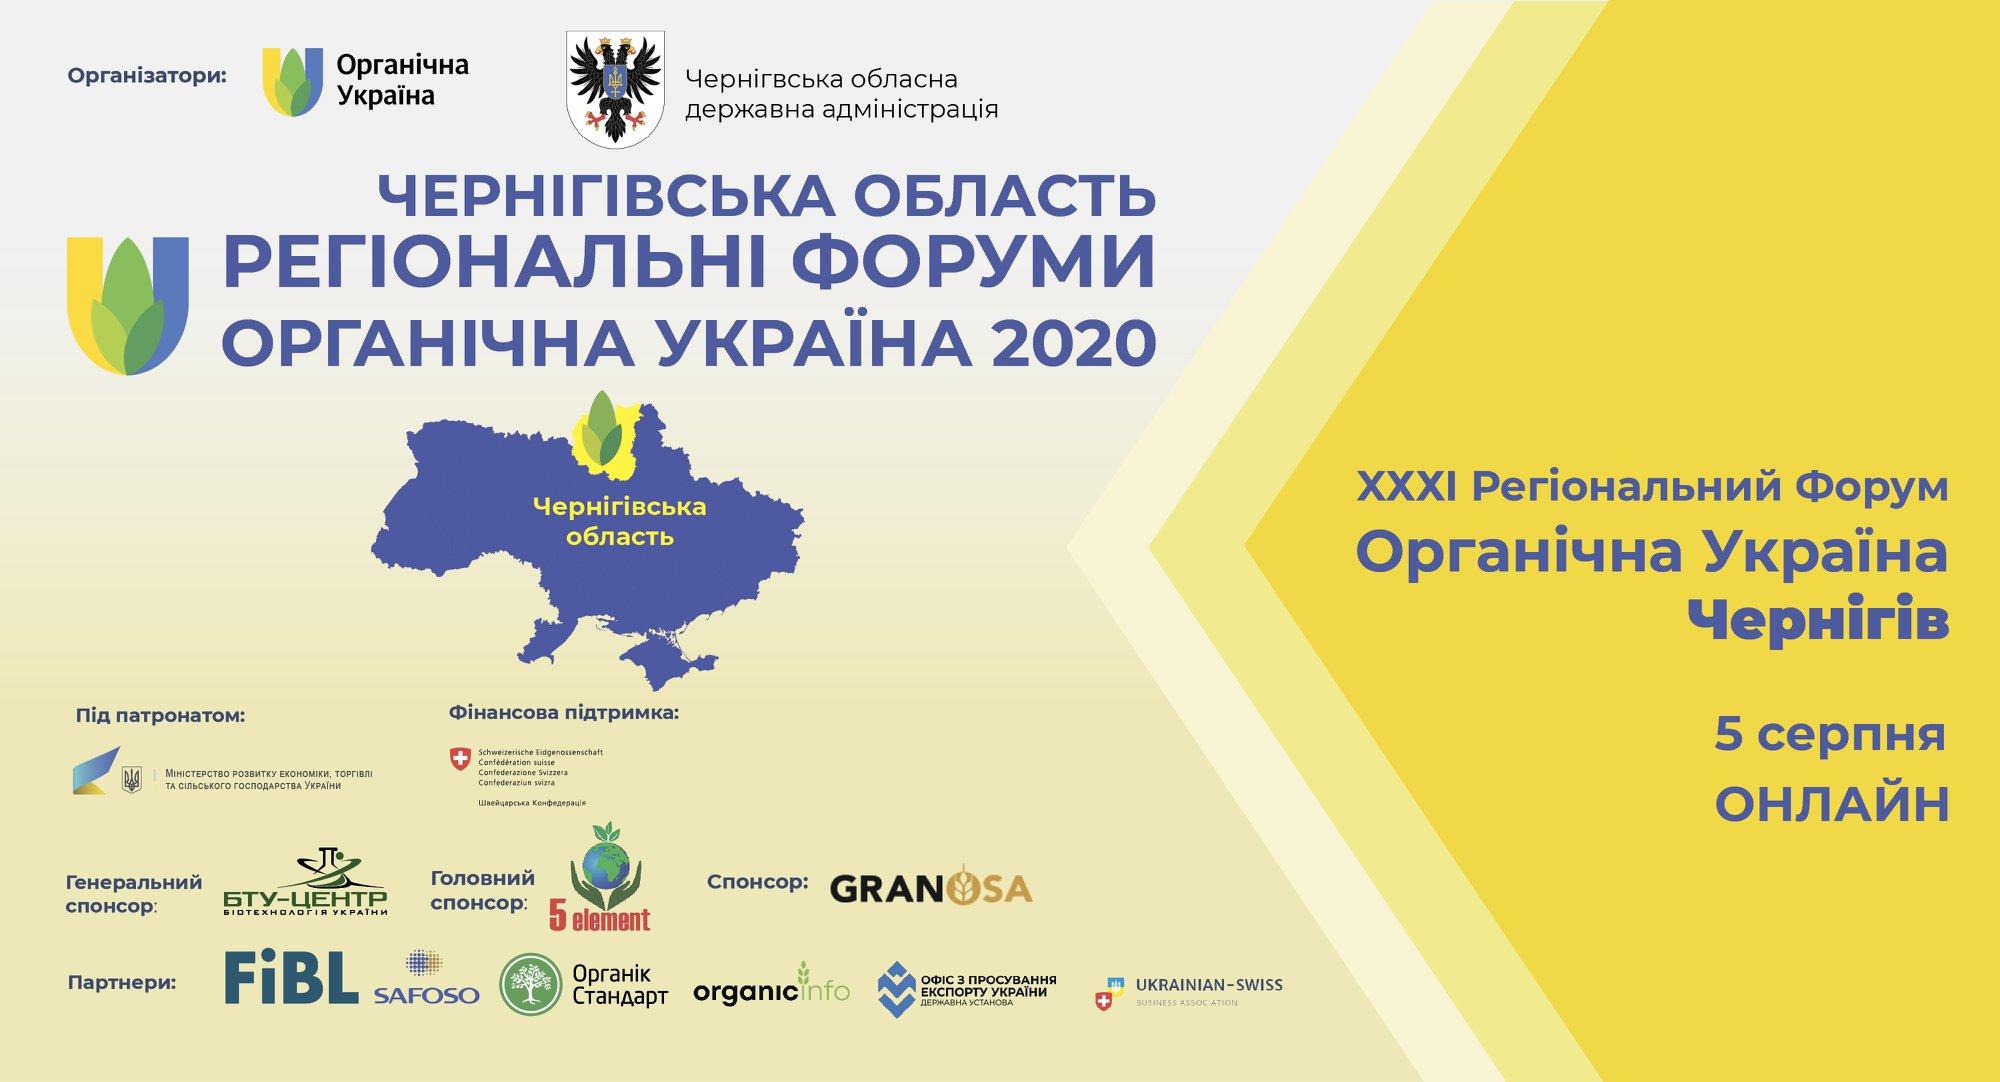 Чернігів_регіональний форум